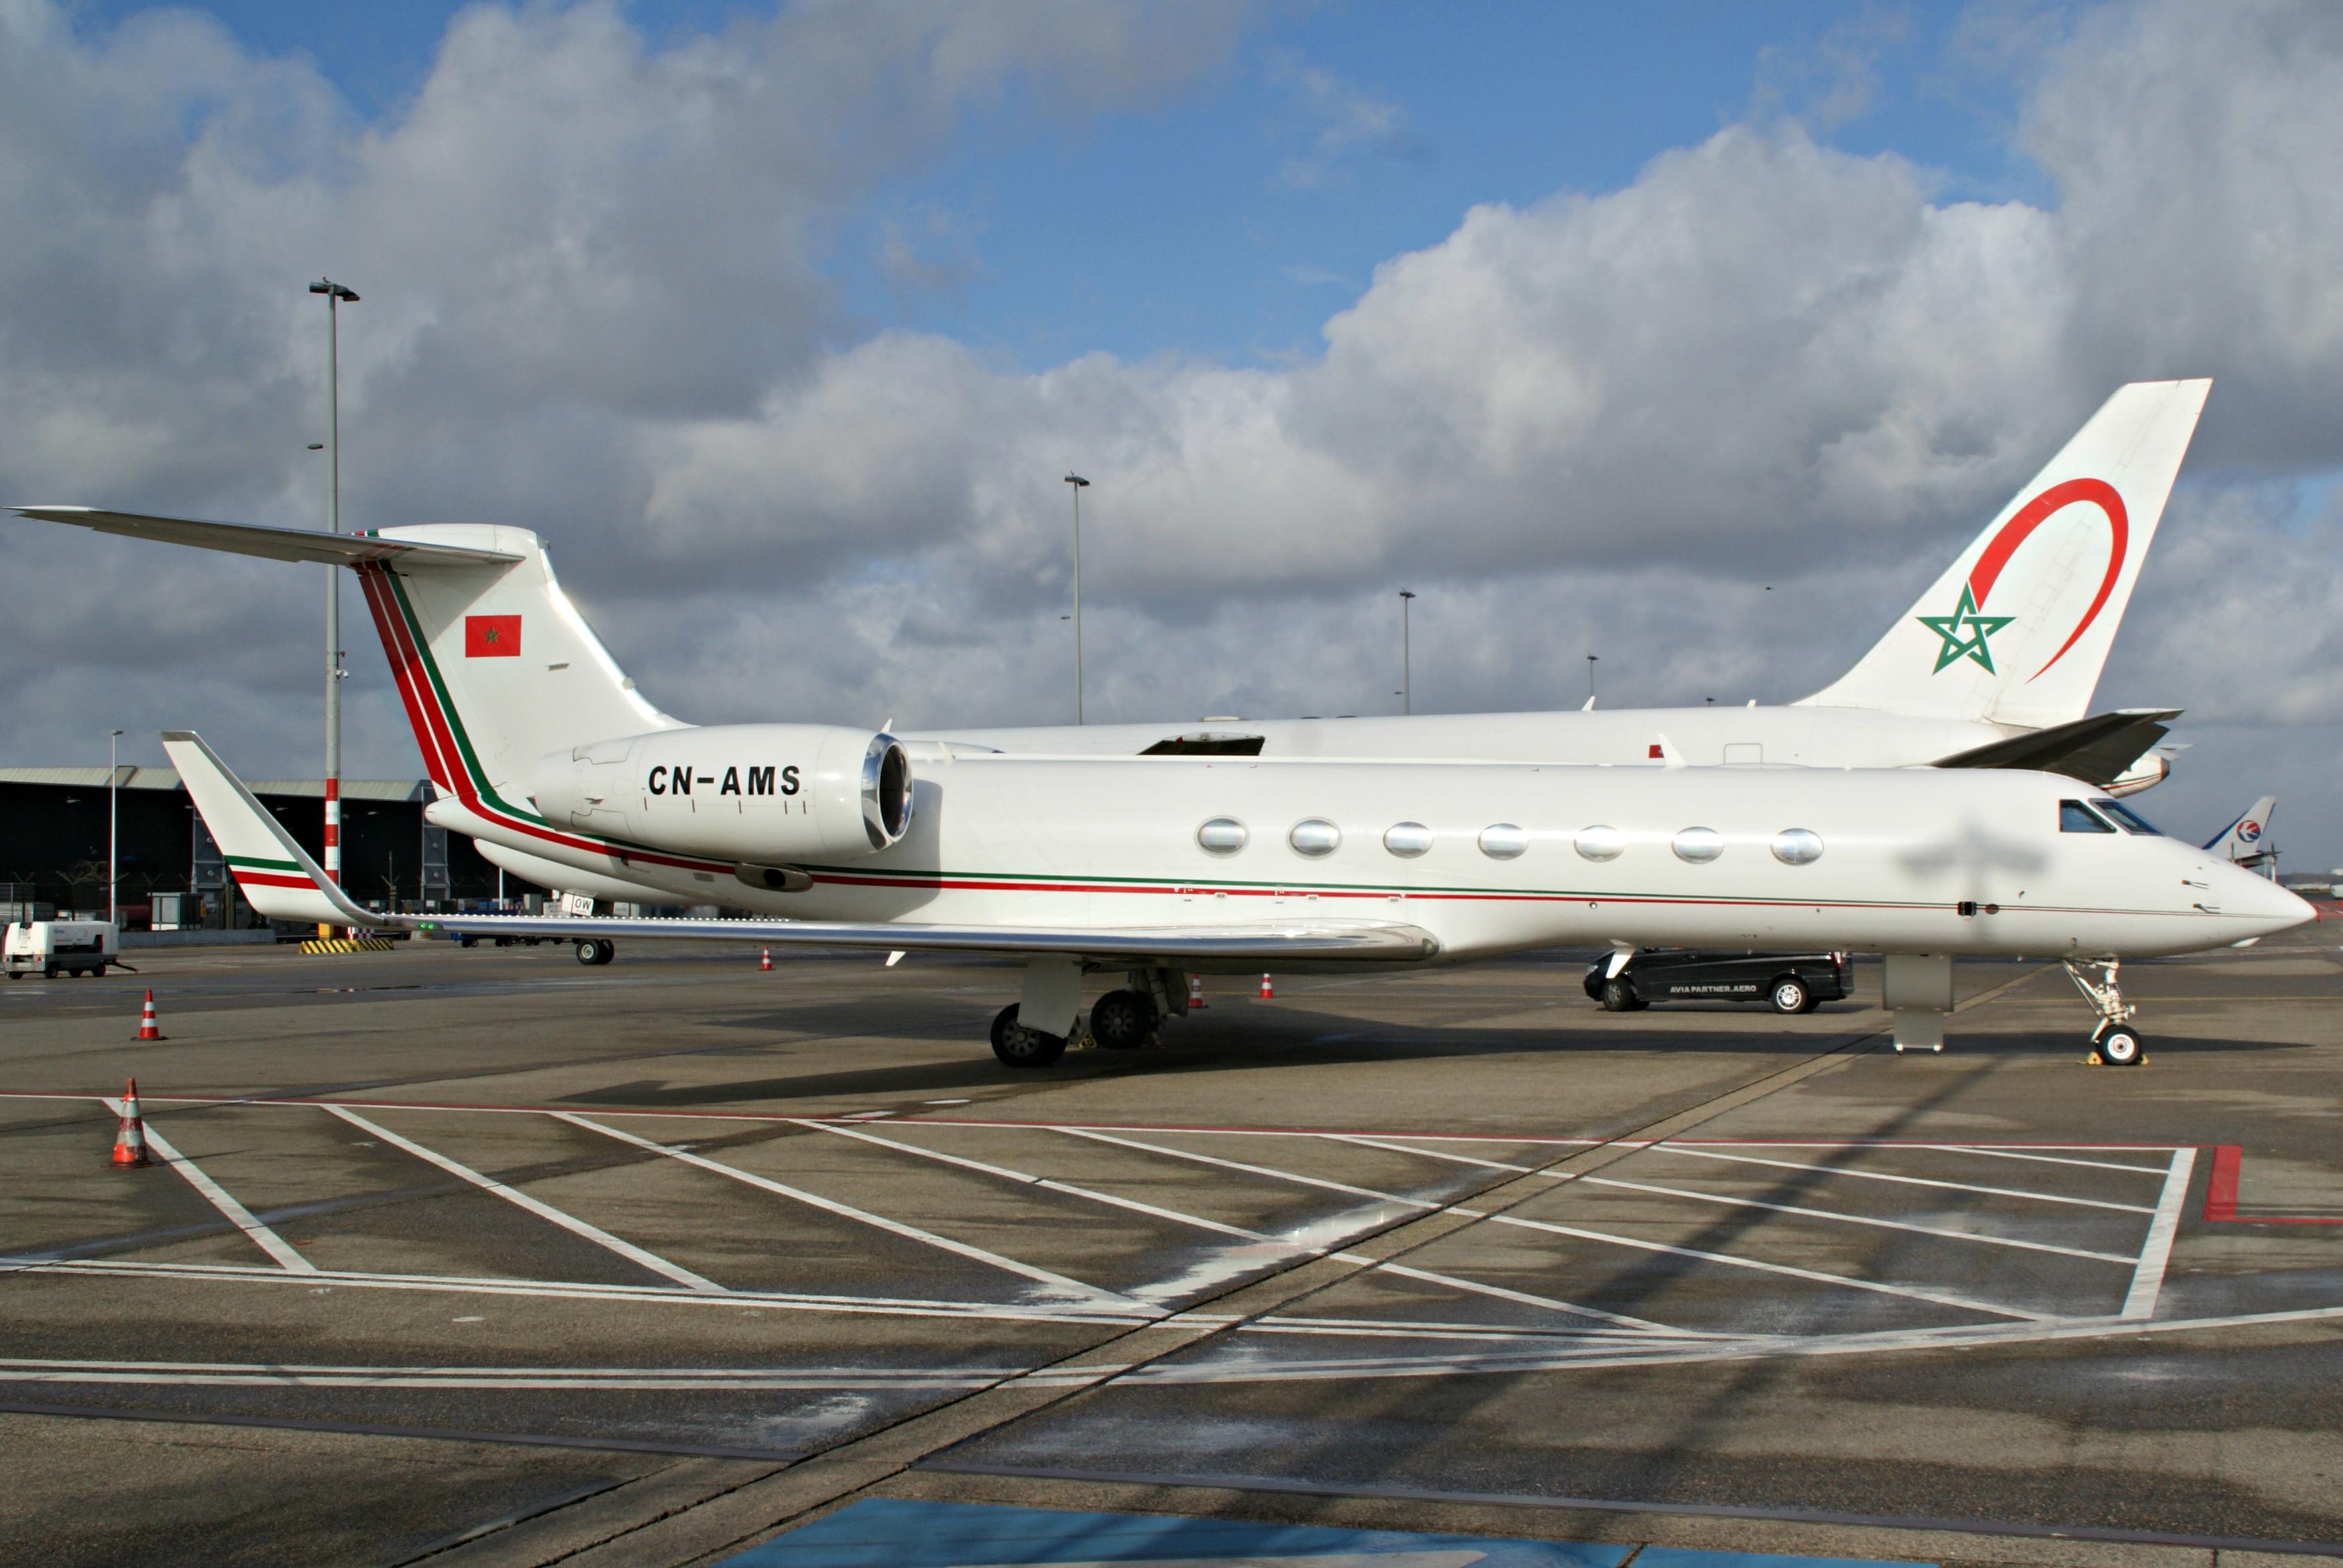 FRA: Avions VIP, Liaison & ECM - Page 13 26055202611_eca3a4c367_o